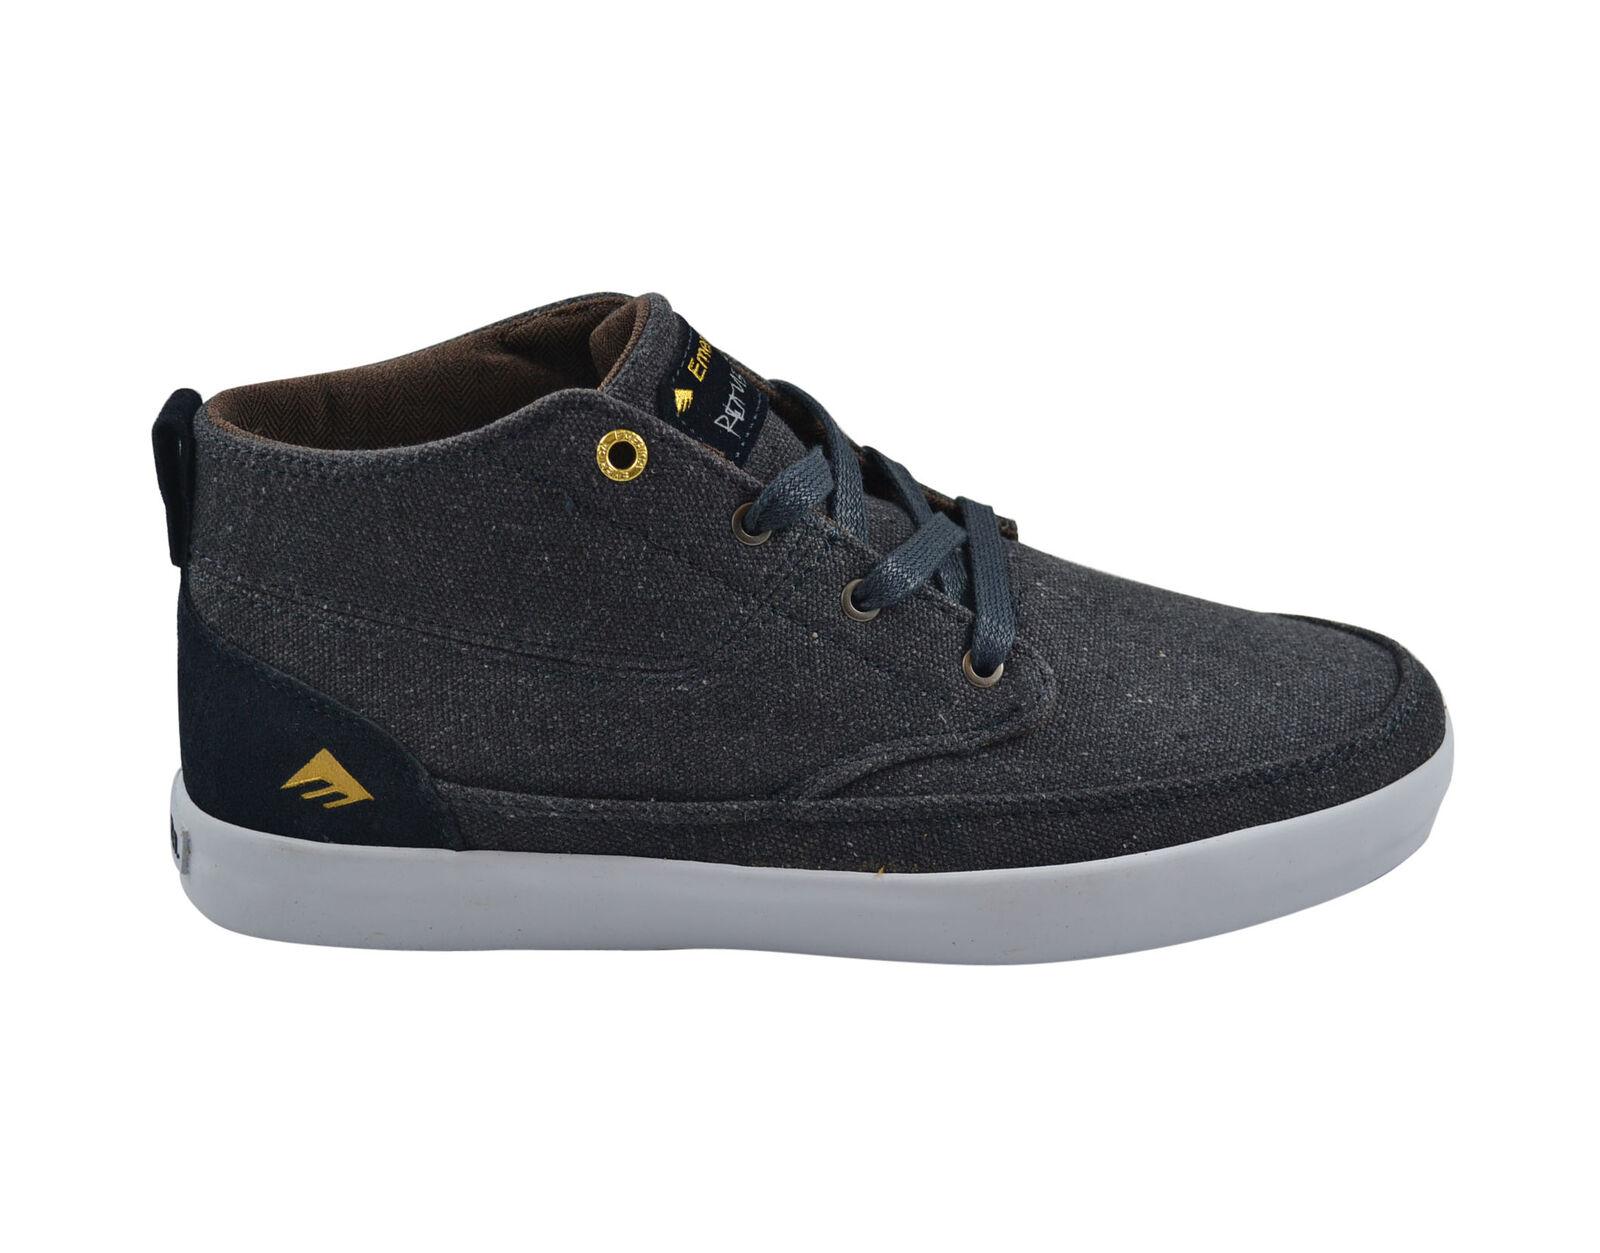 Grandes descuentos nuevos zapatos Original Caterpillar attent canvas (p718284) zapato bajo-caballeros-nuevo